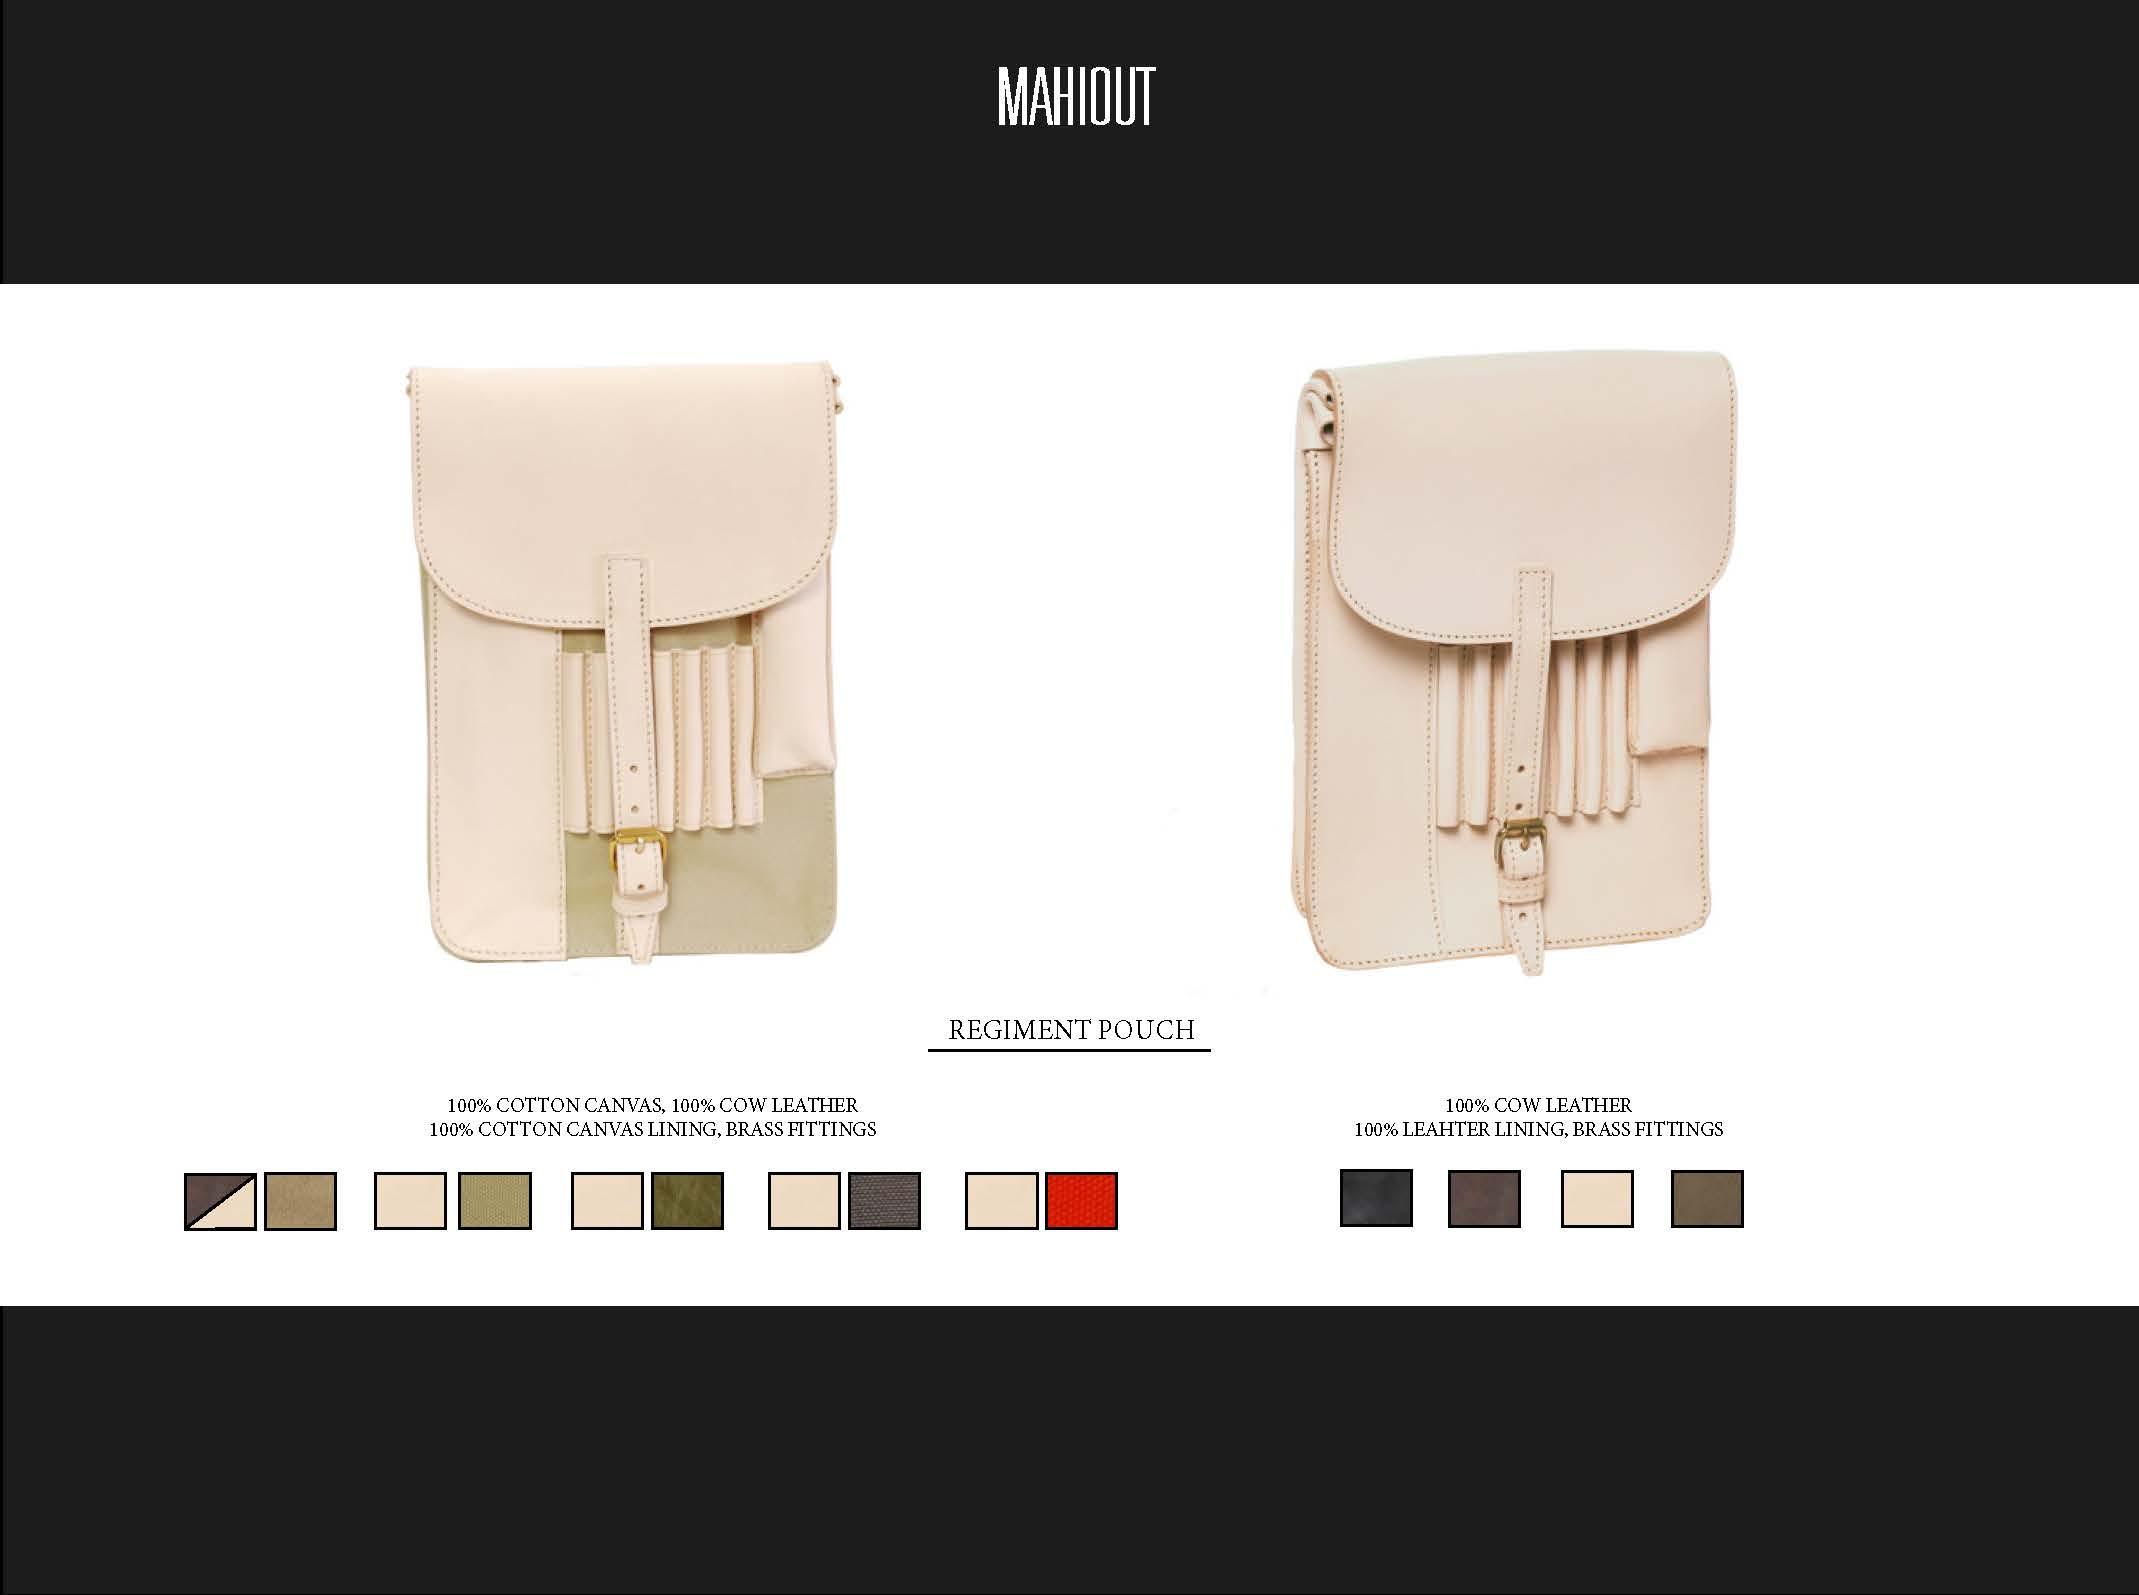 MAHIOUT_SS16_LOOKBOOK_Page_45